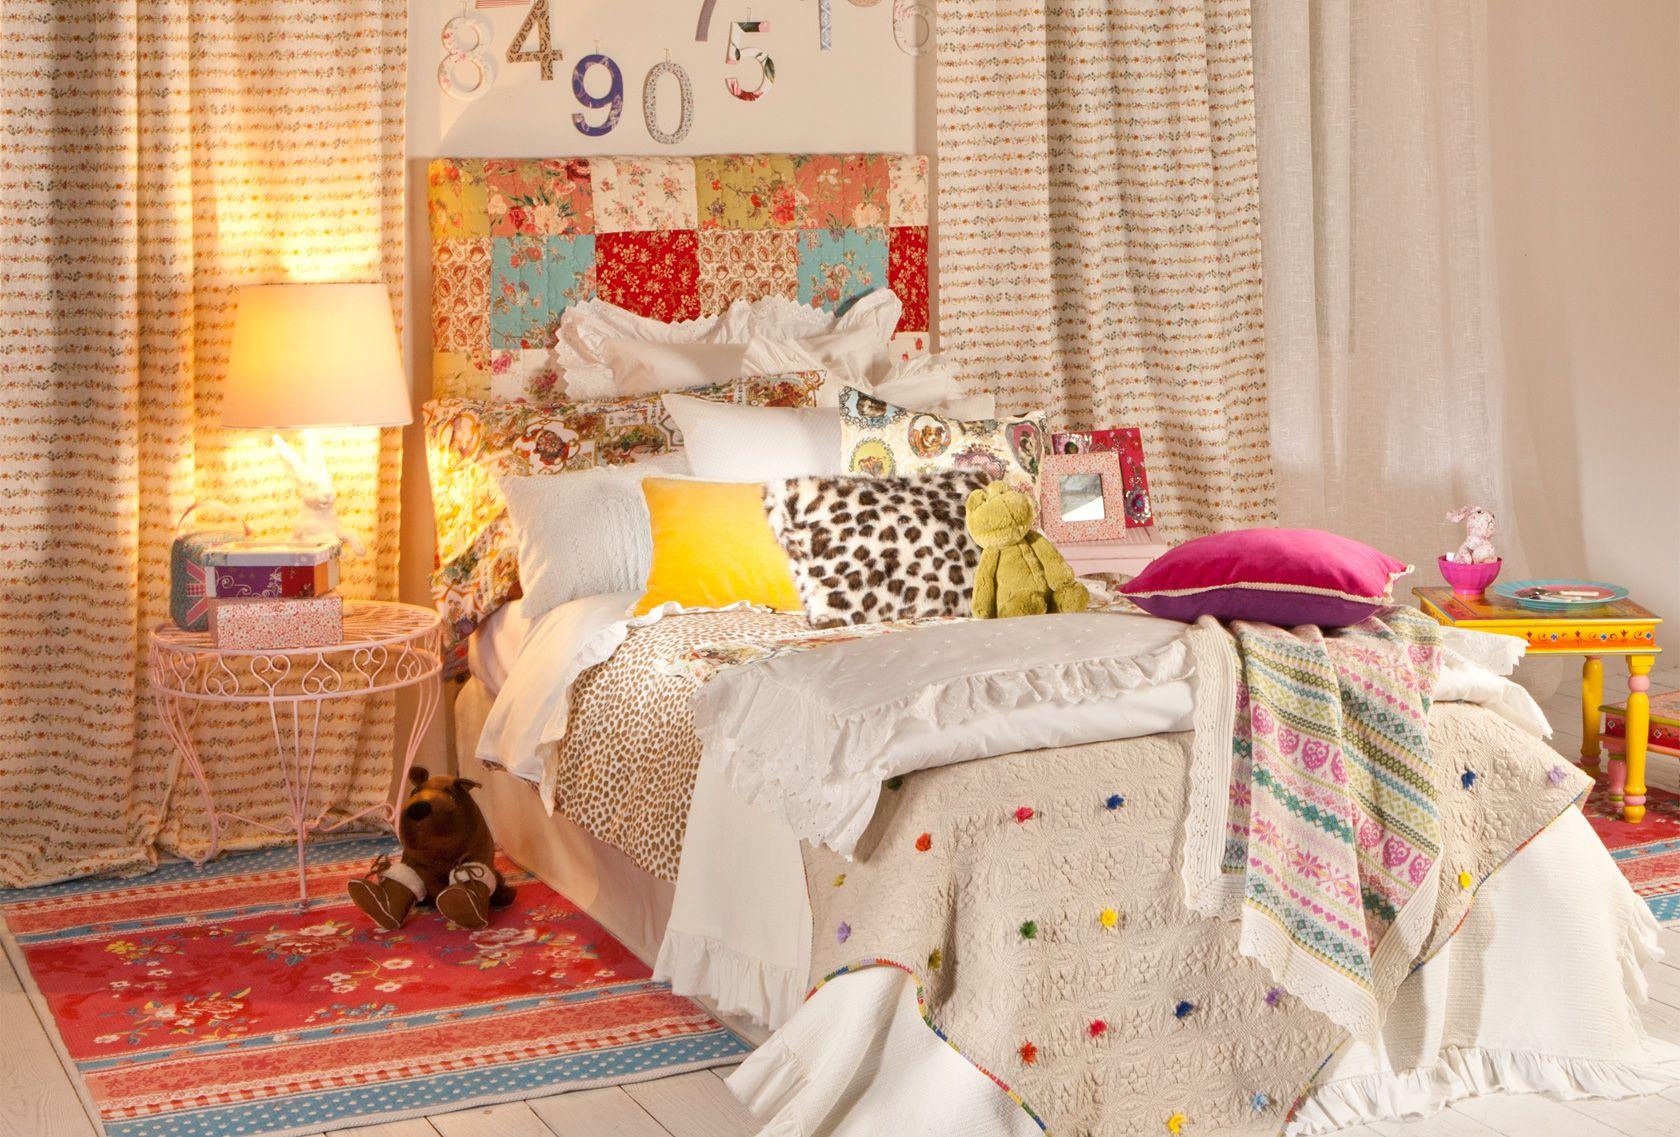 Decoración infantil. Zara Home Kids: Moda para niños y decoración infantil. España.